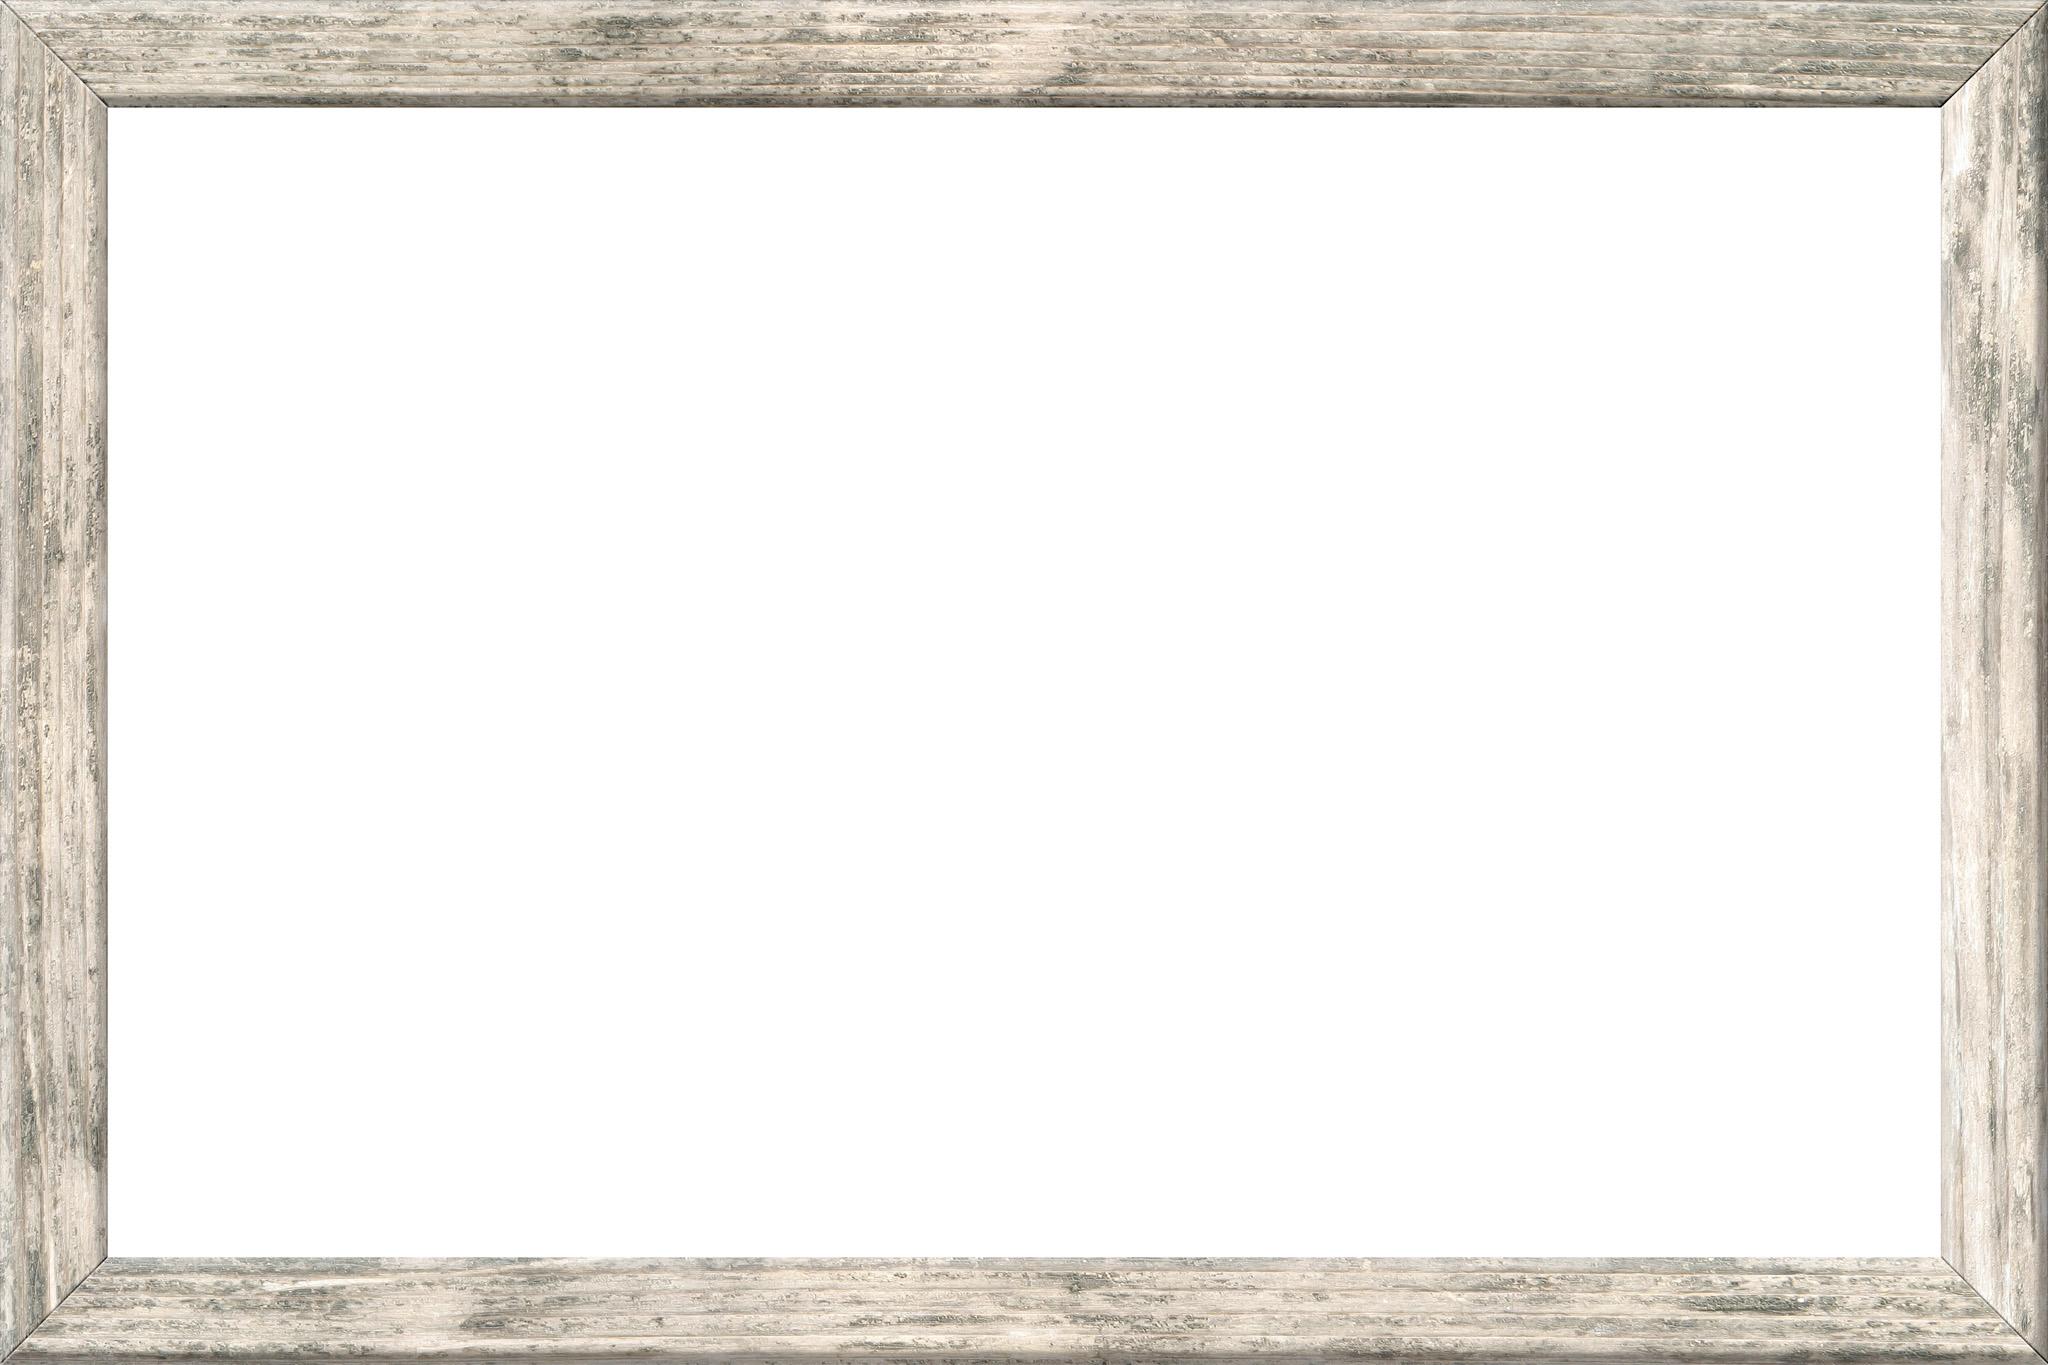 「ヴィンテージ風の額縁」の画像を無料ダウンロード